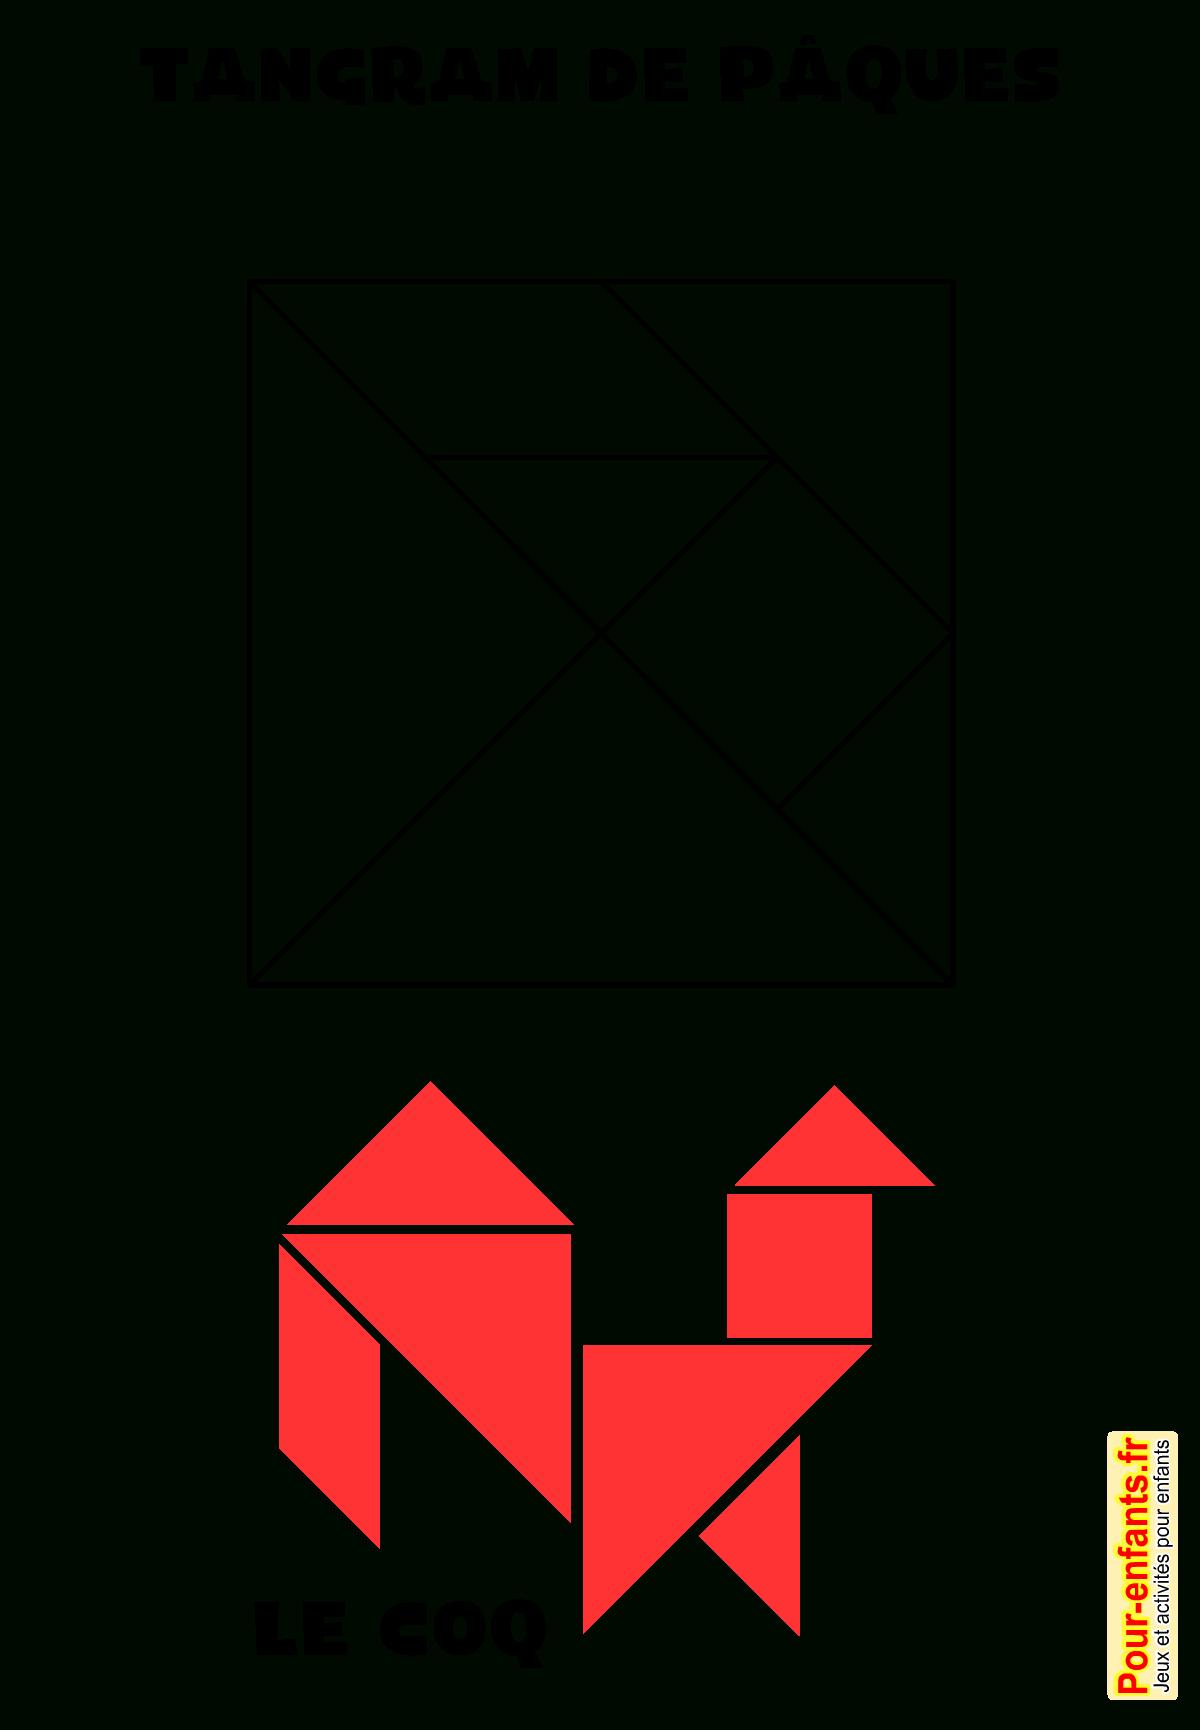 Jeux De Paques À Imprimer Tangram Dessin De Coq Jeu De dedans Découpage Collage A Imprimer